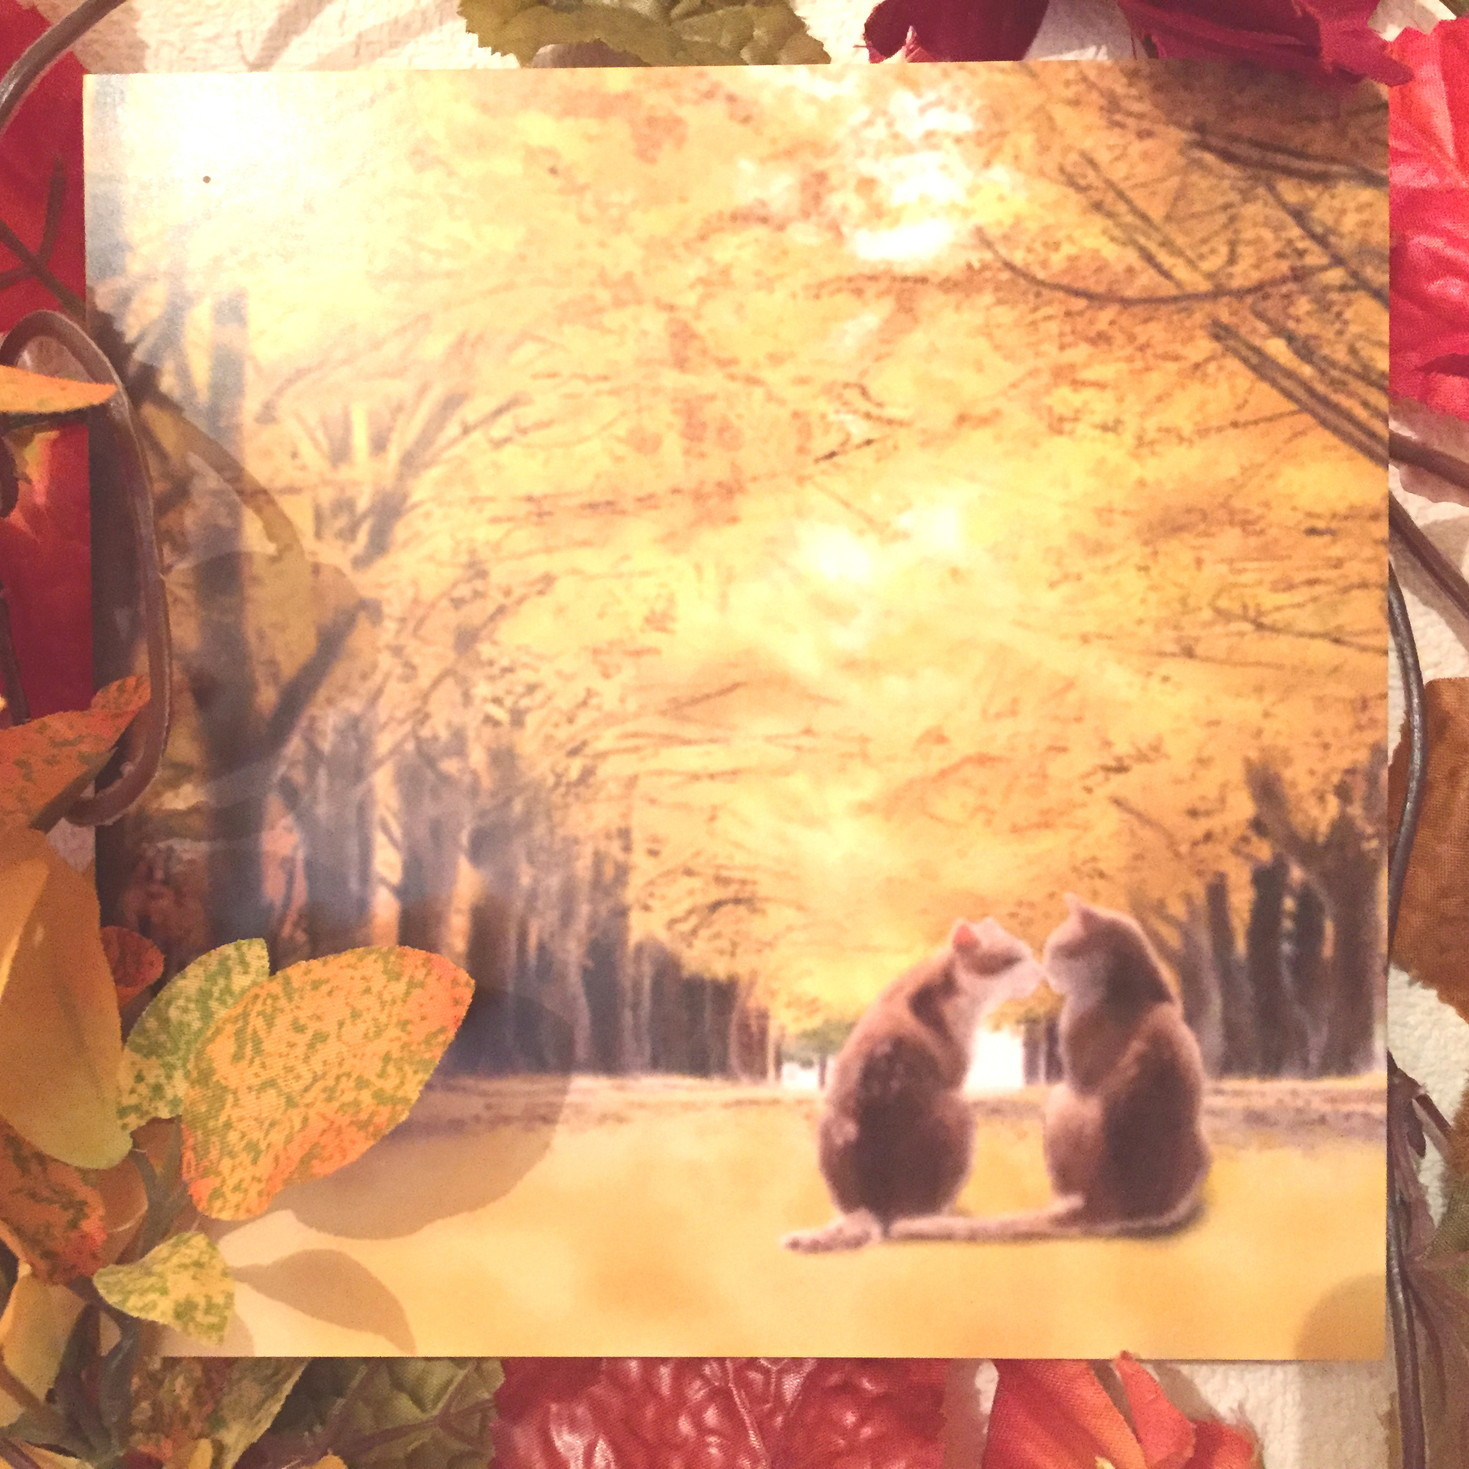 絵画 インテリア アートパネル 雑貨 壁掛け 置物 おしゃれ 猫 動物 デジタルアート 並木道 ロココロ 画家 : rune 作品 : 並木通りの猫達